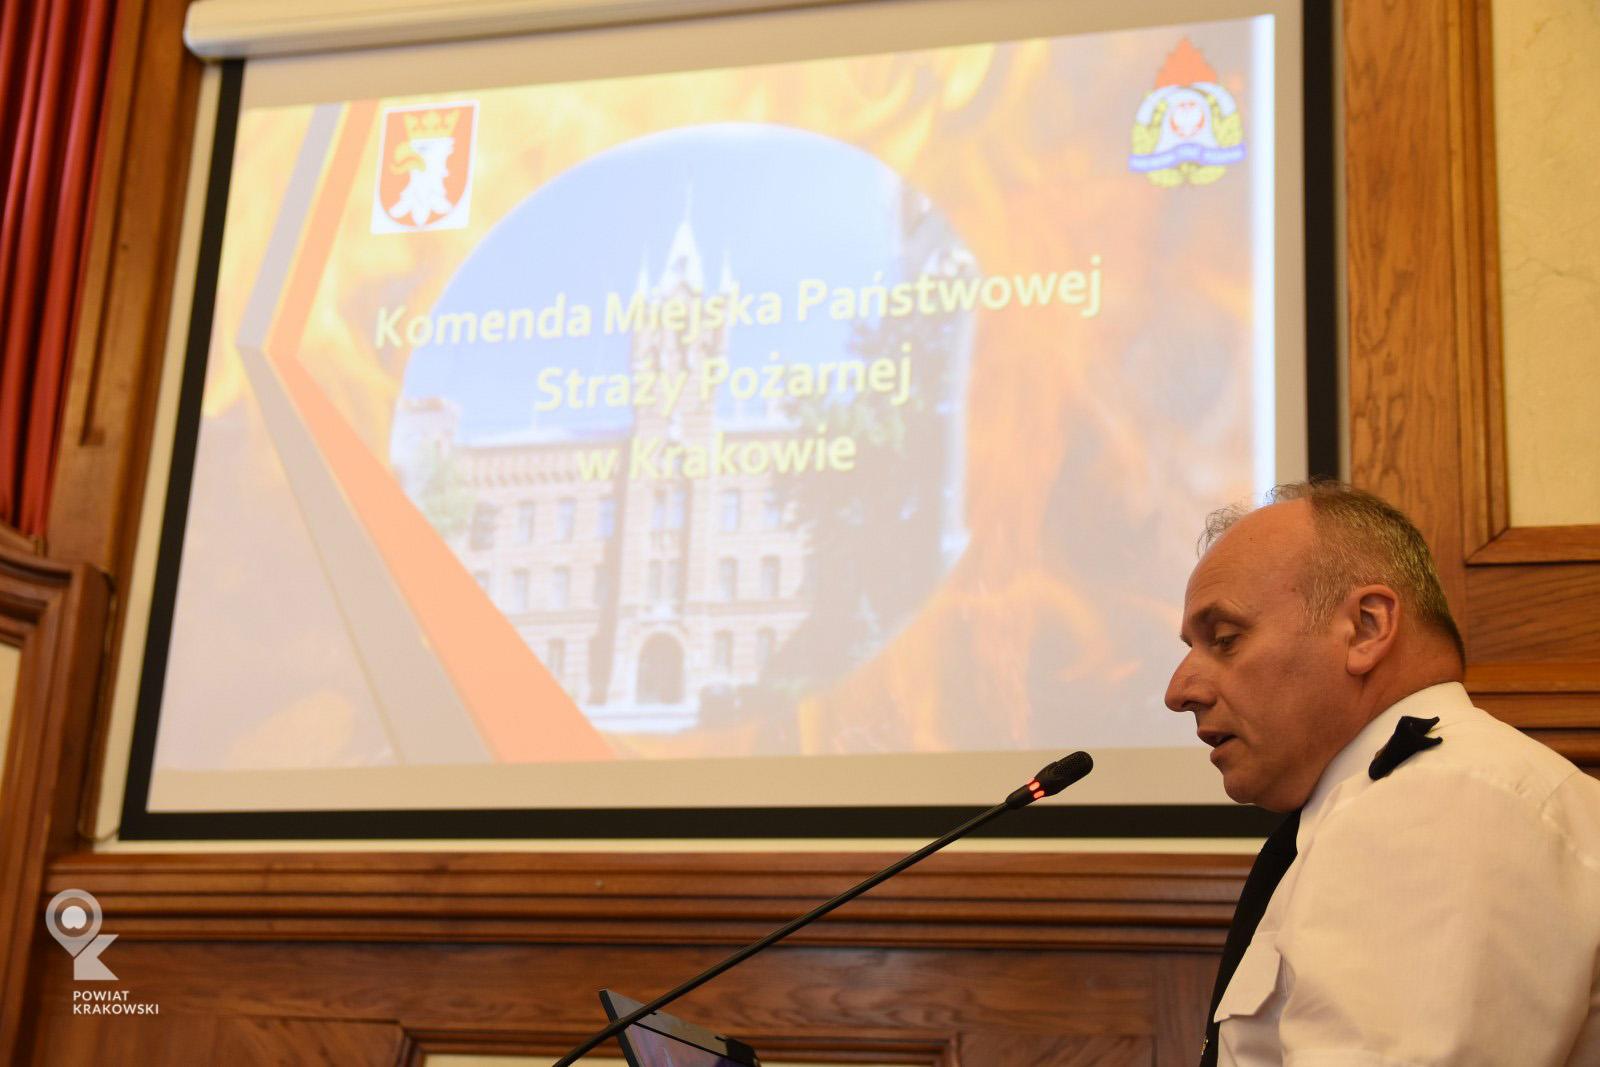 Widok ekranu prezentacyjnego, przed nim po prawej Komendant Miejski Państwowej Straży Pożarnej